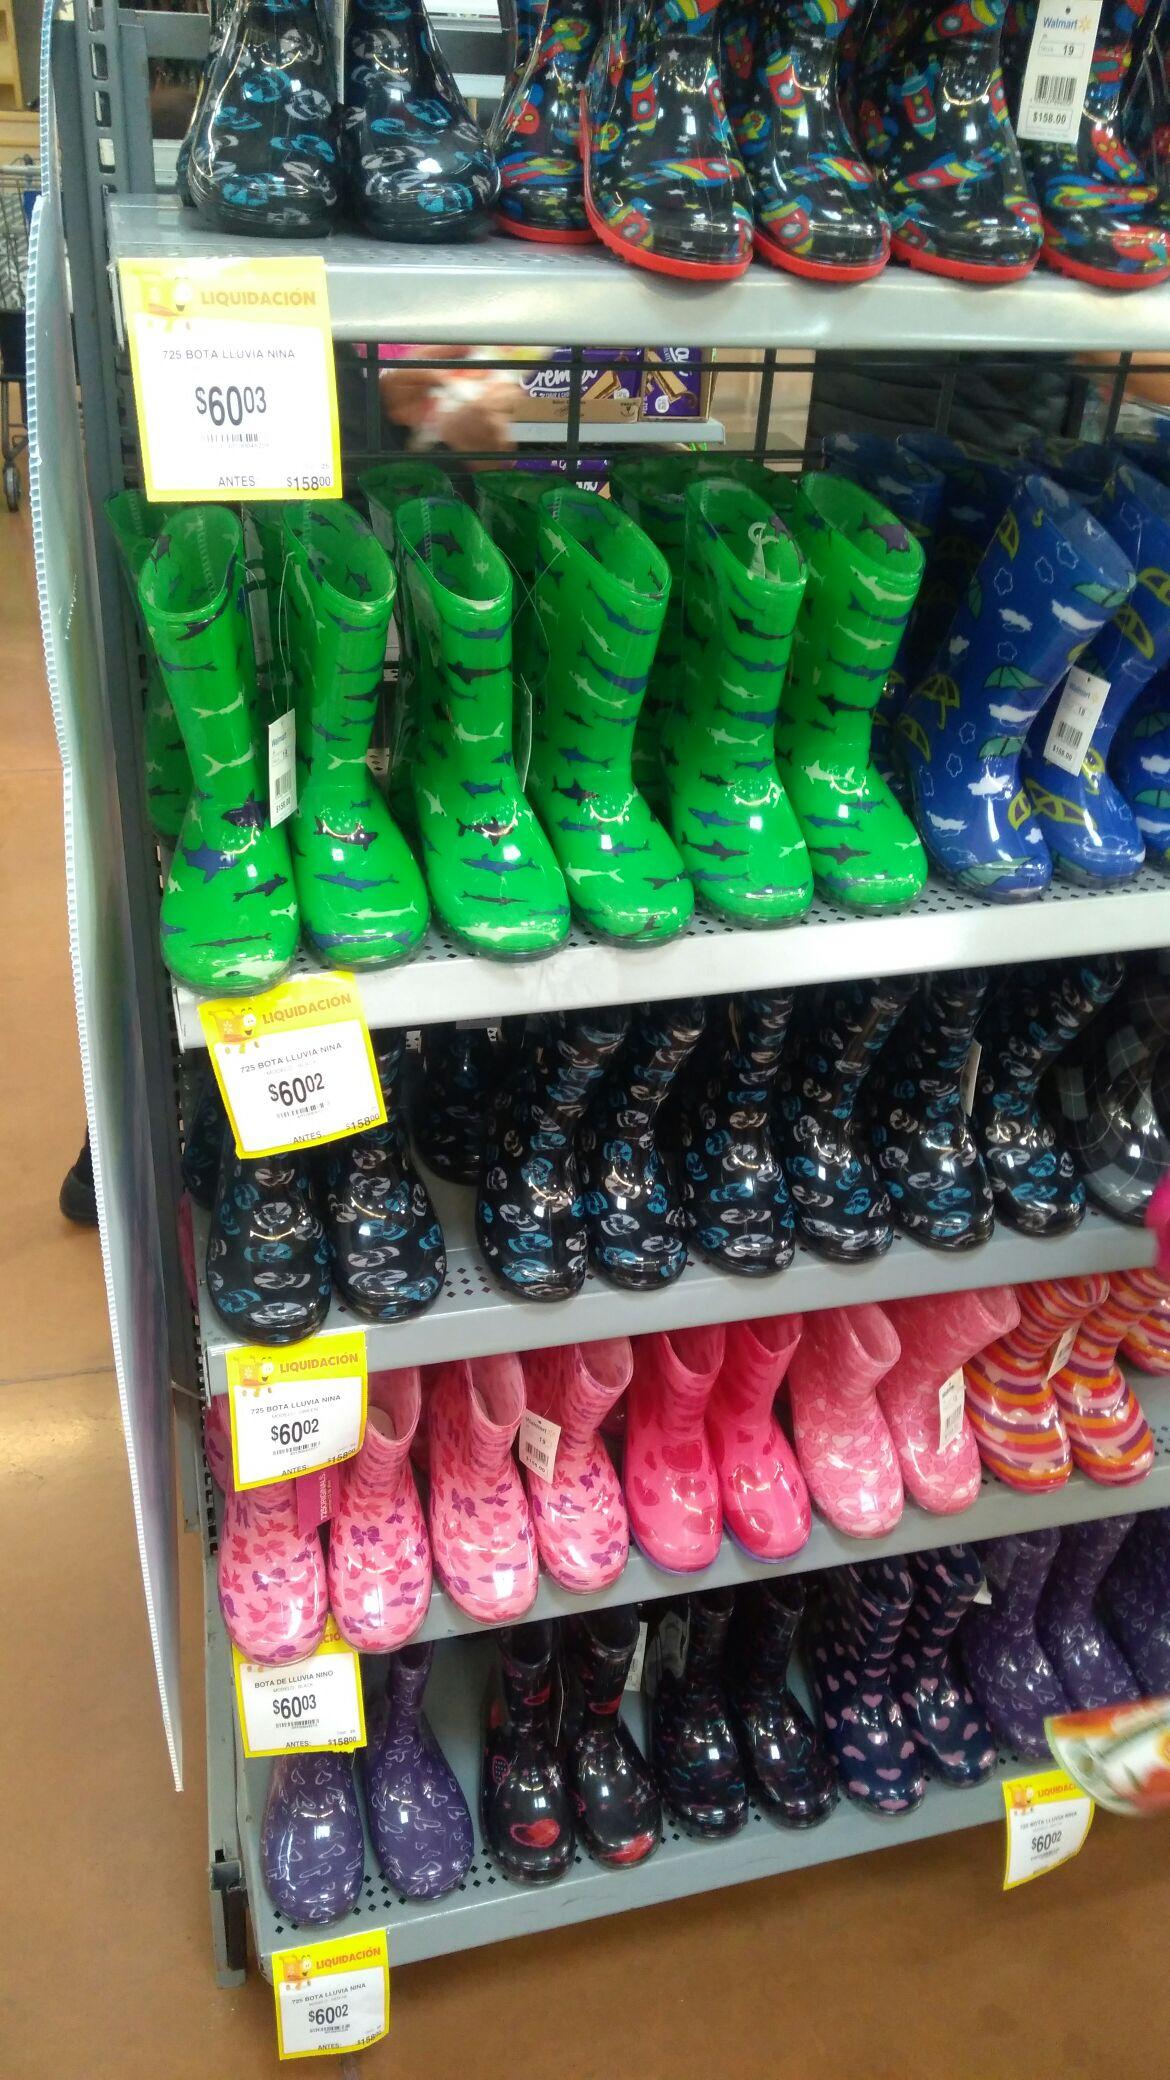 mejores zapatillas de deporte 89626 98832 Walmart: Botas para lluvia niño y niña a $60.03 ...